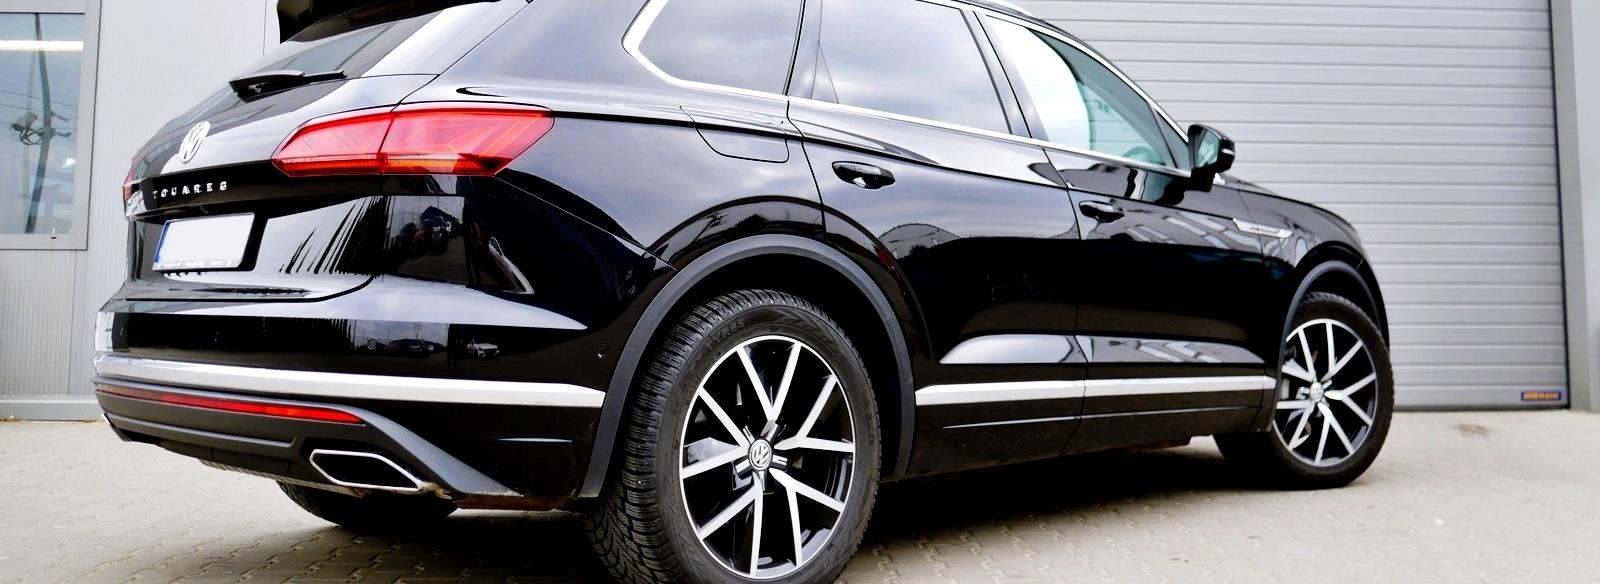 VW Touareg Maxhaust